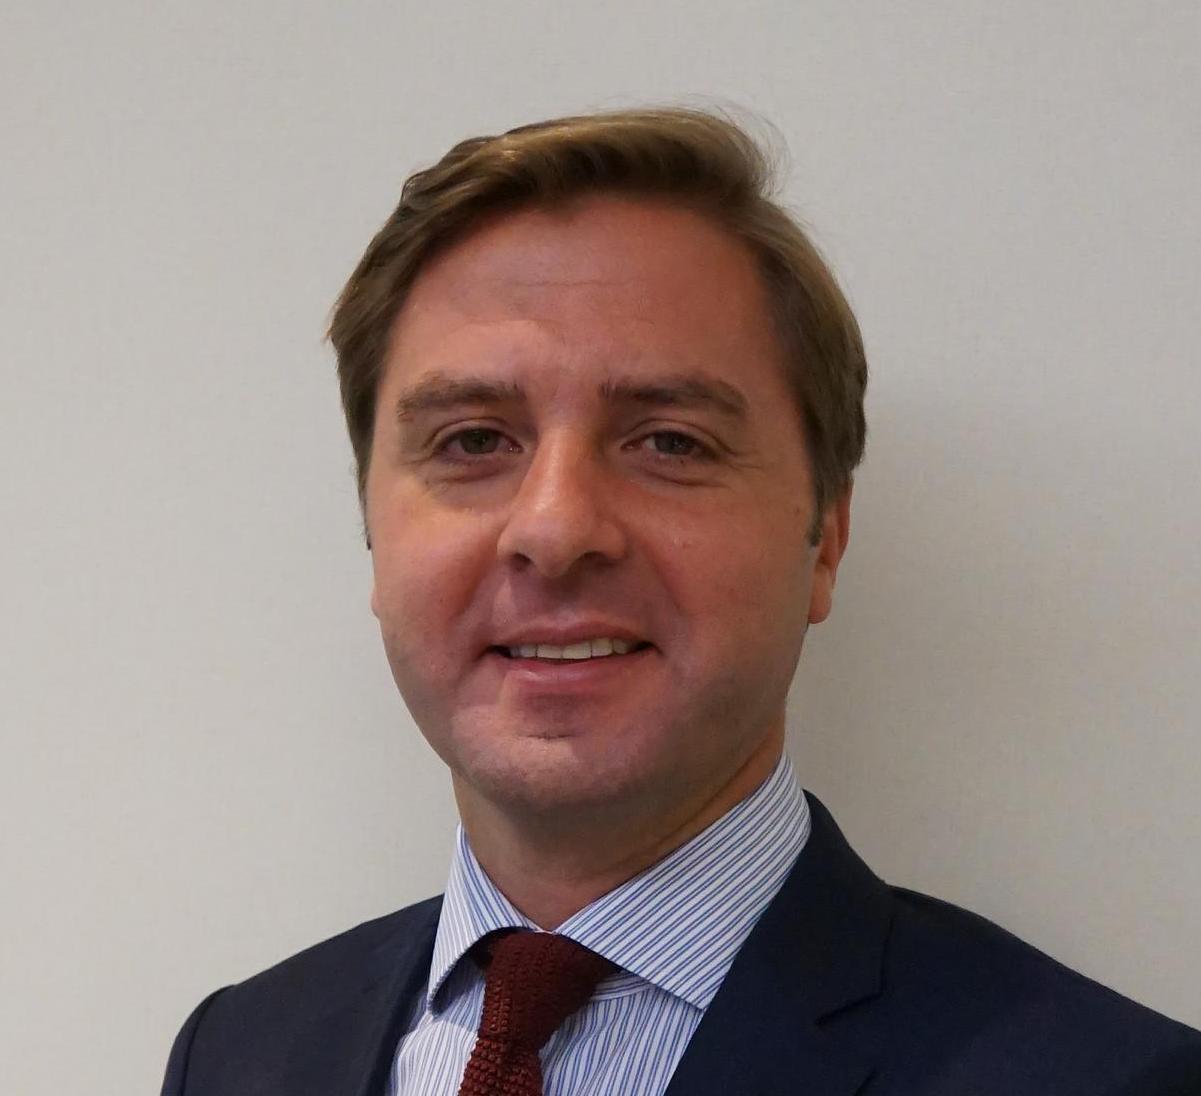 Daniel Clarke